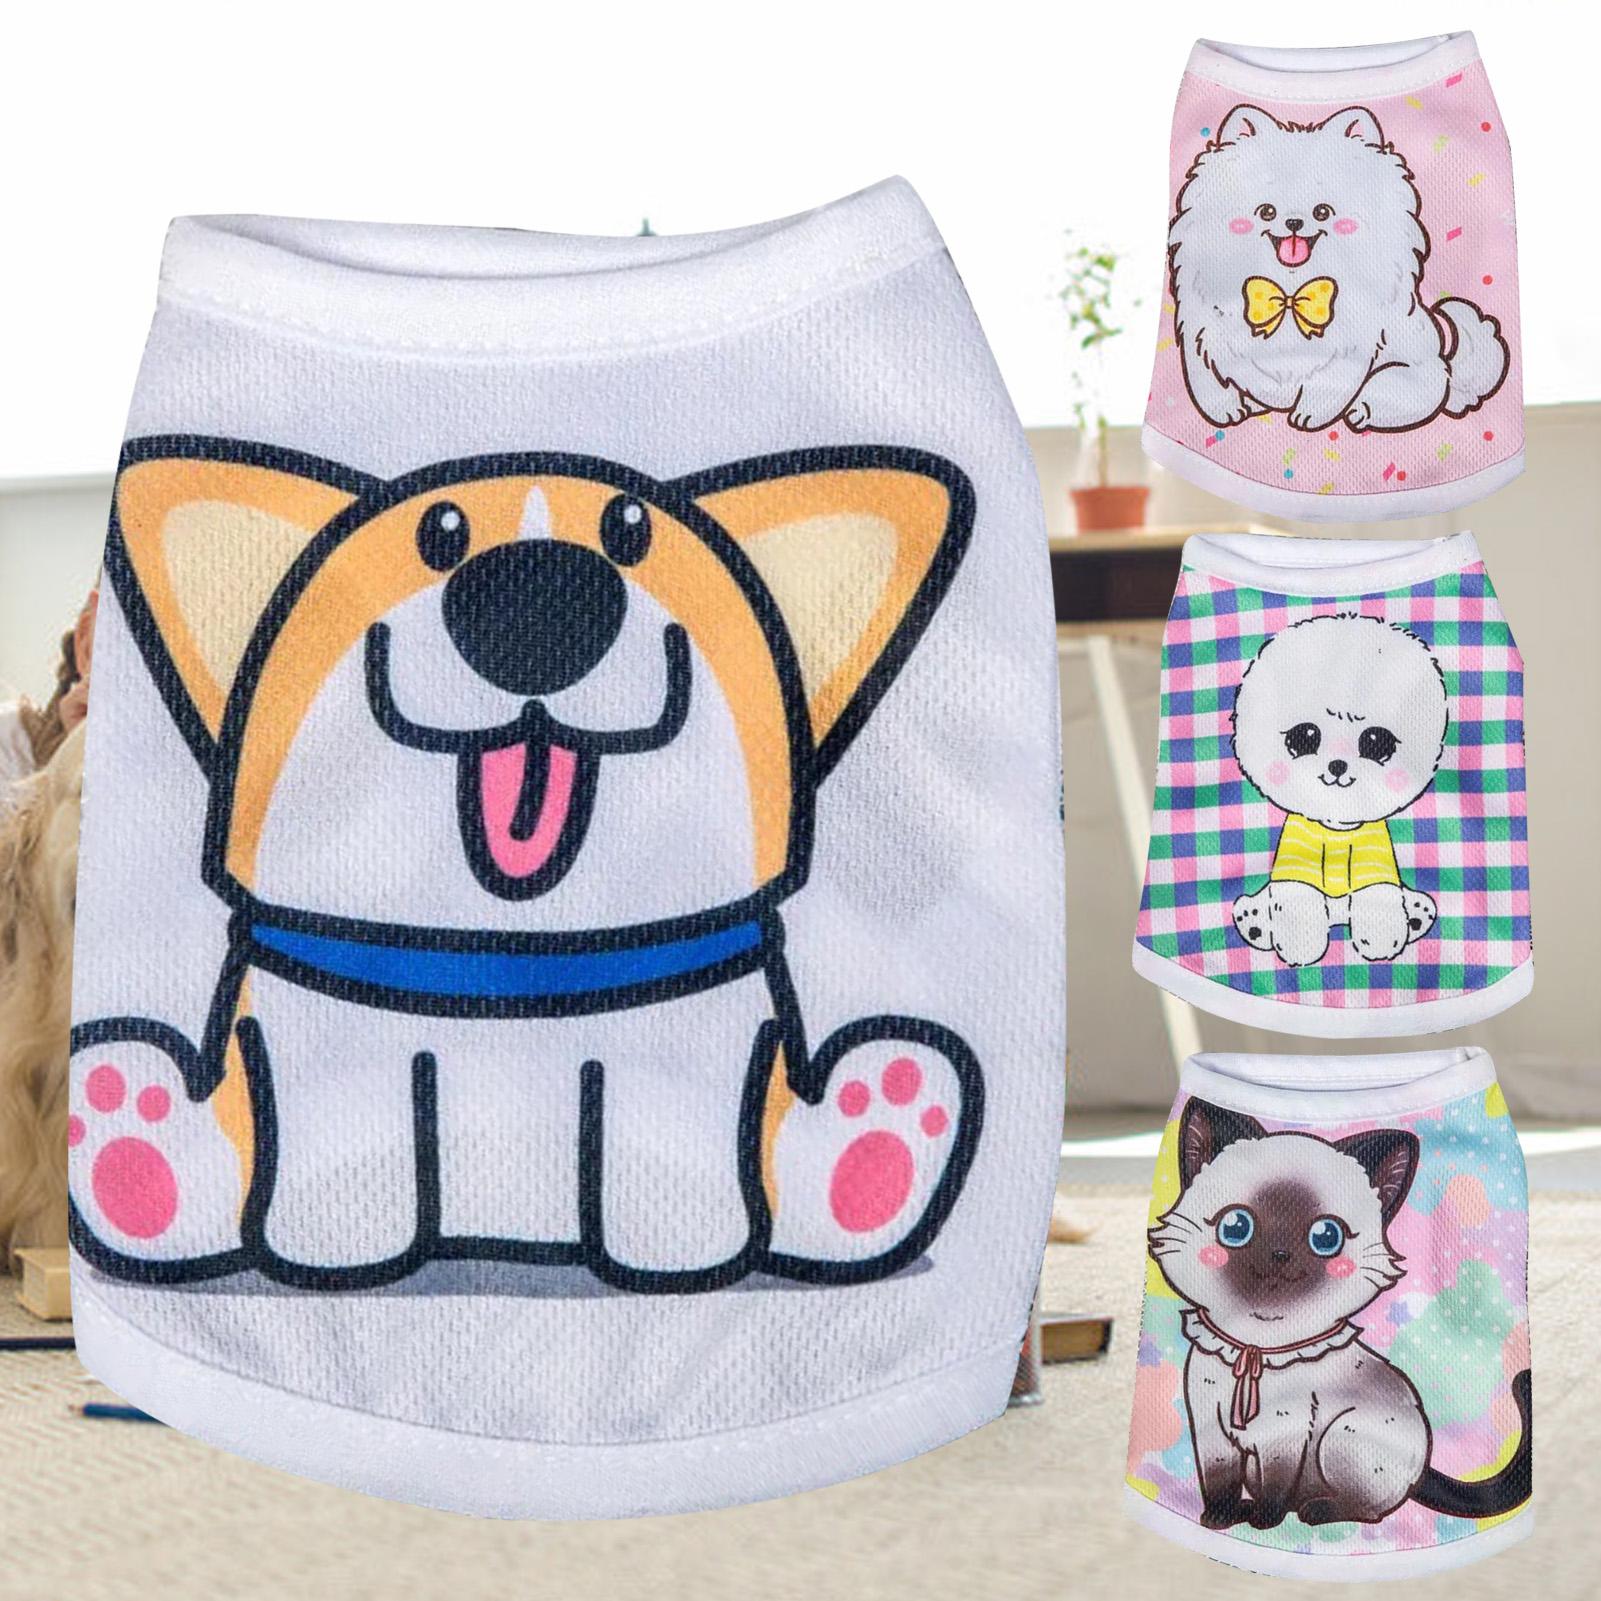 1 Chiếc Áo Lót Thú Cưng, Quần Áo Mỏng Lưới Hoạt Hình Polyester Thoáng Khí Cho Chó Mèo Chó Con